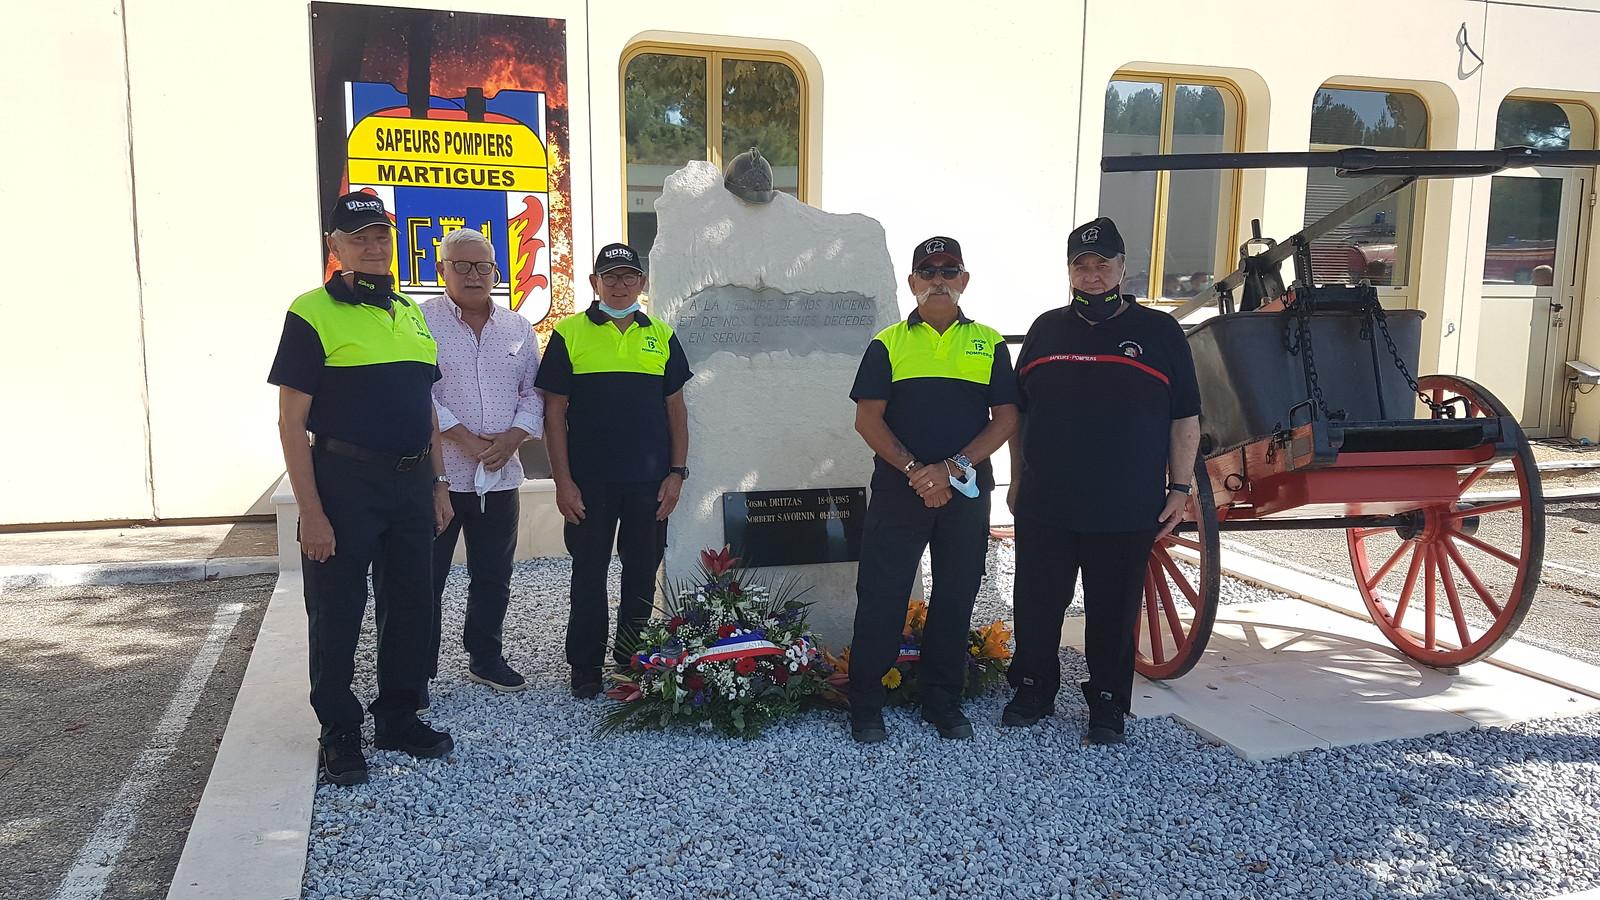 Commémorations à Trets et Martigues : les Pompiers13 n'oublient pas les leurs